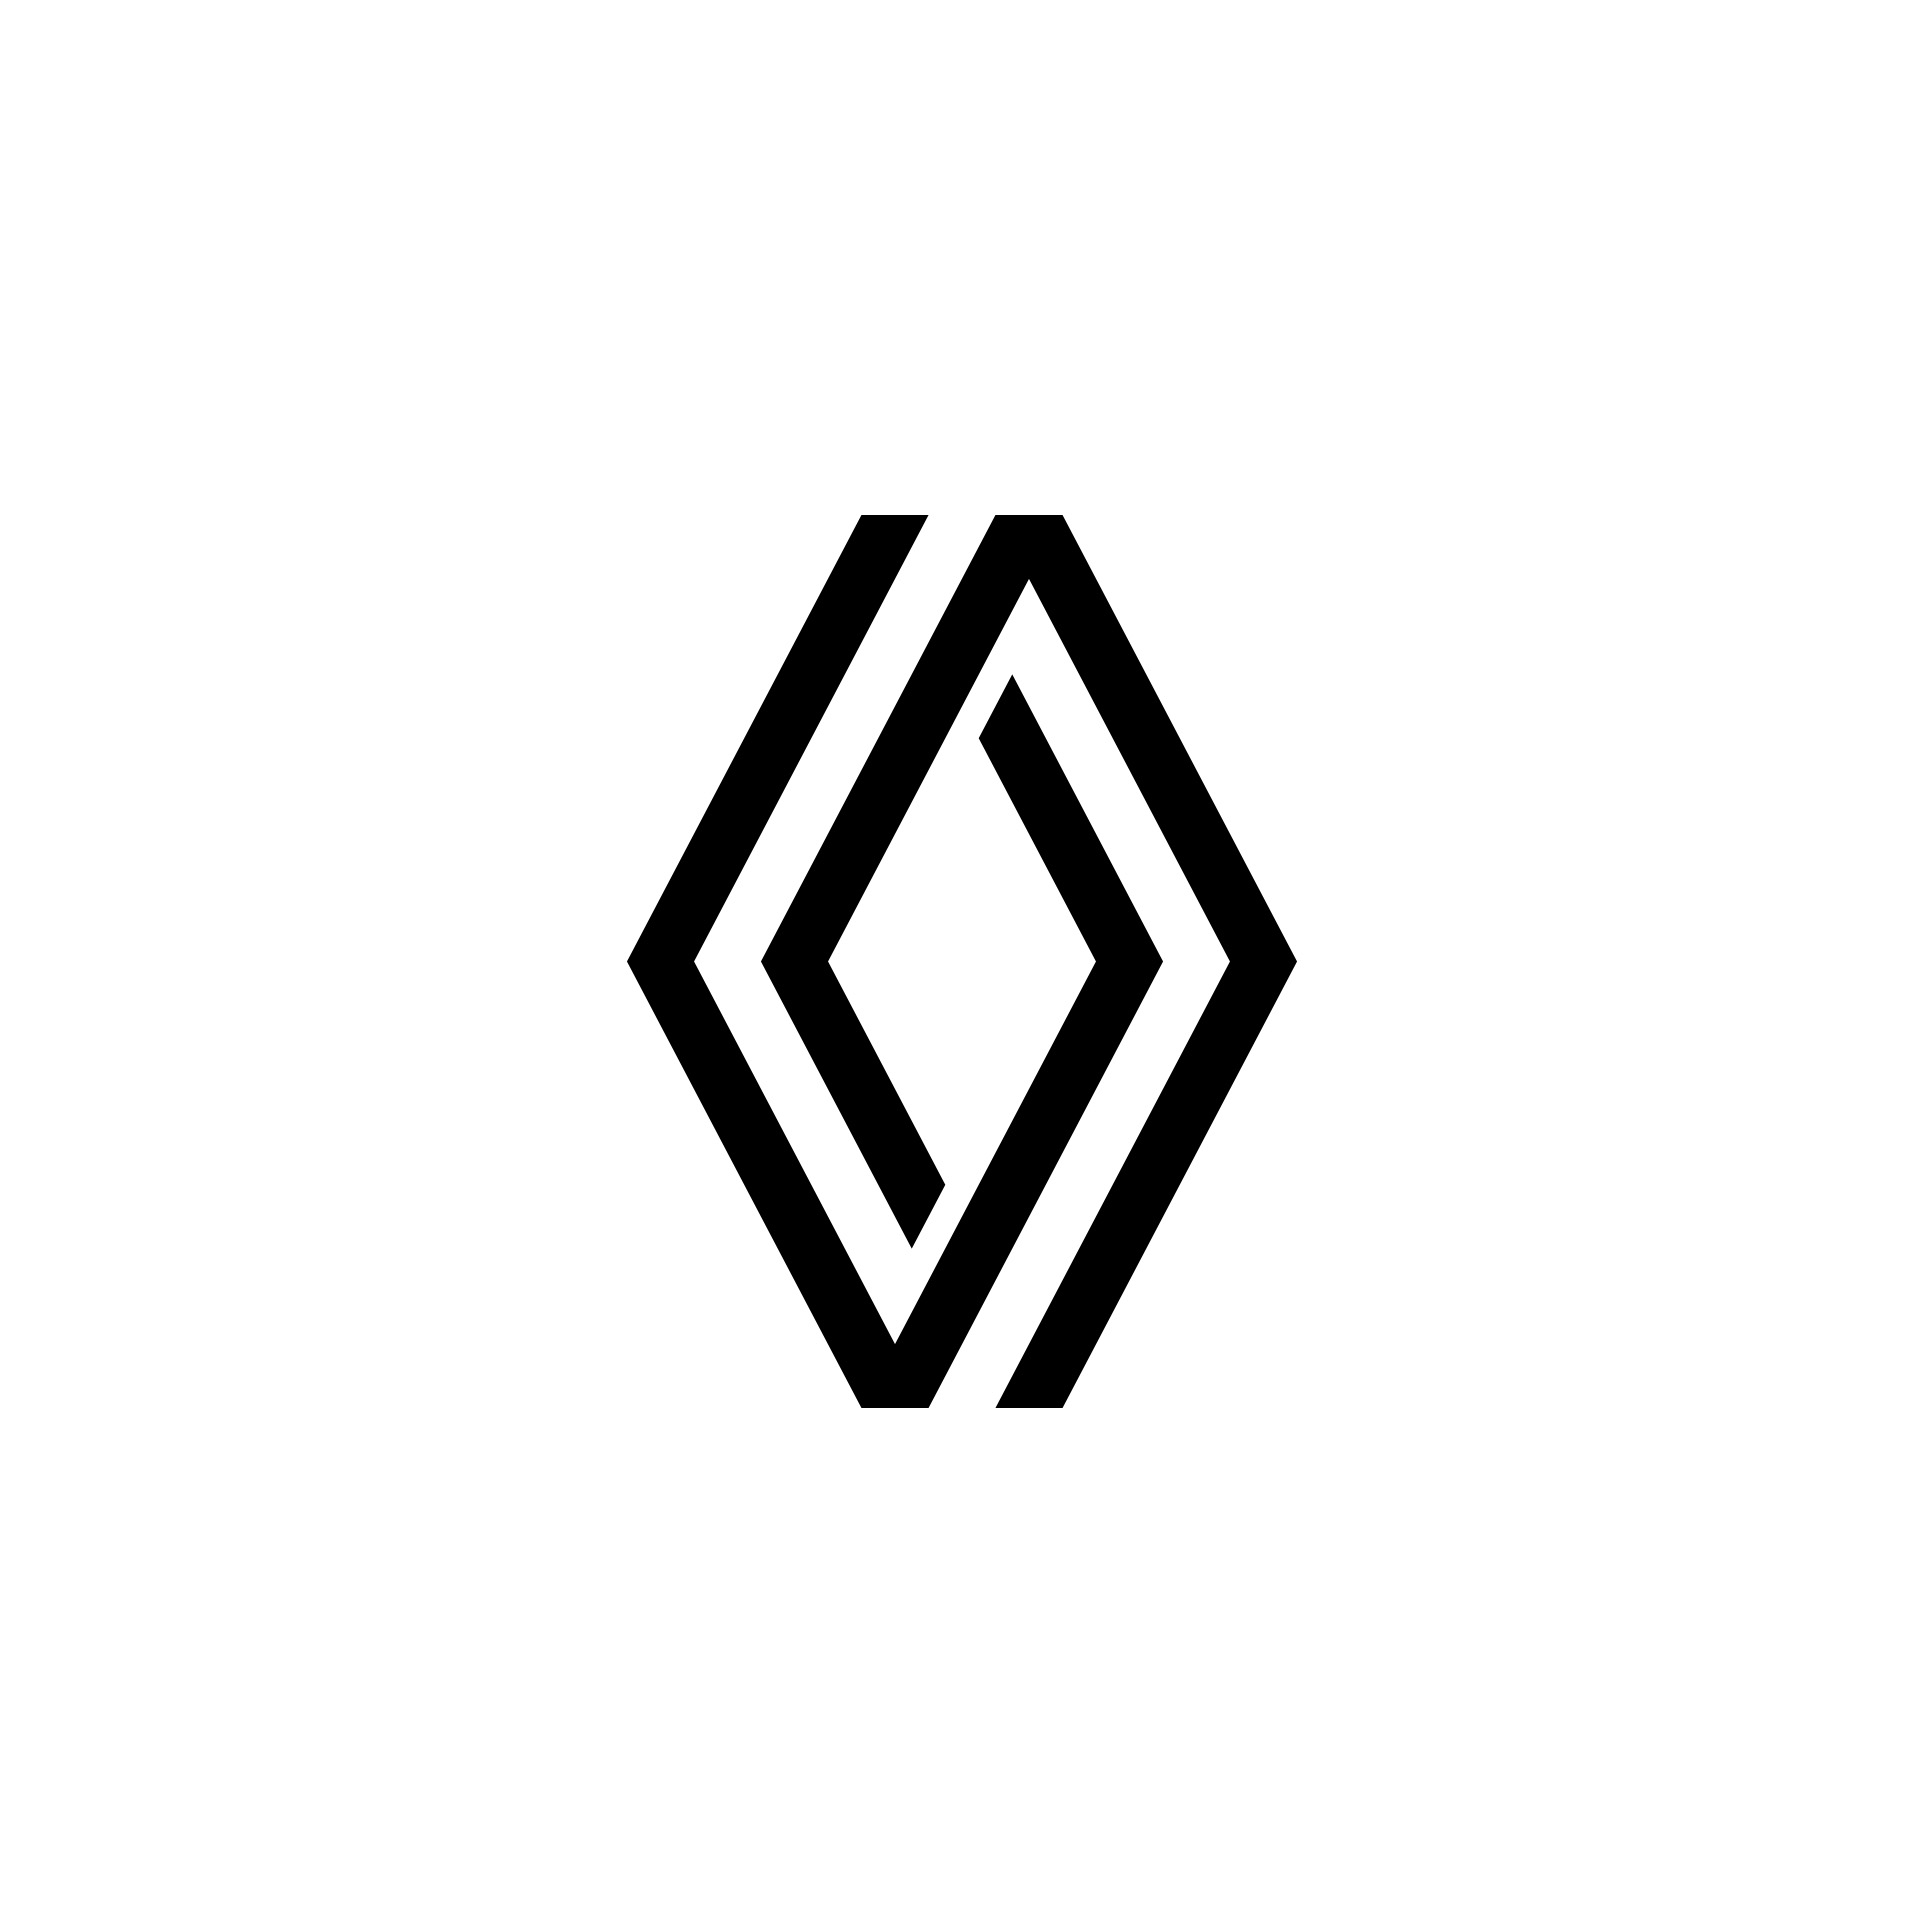 nouveau logo renault